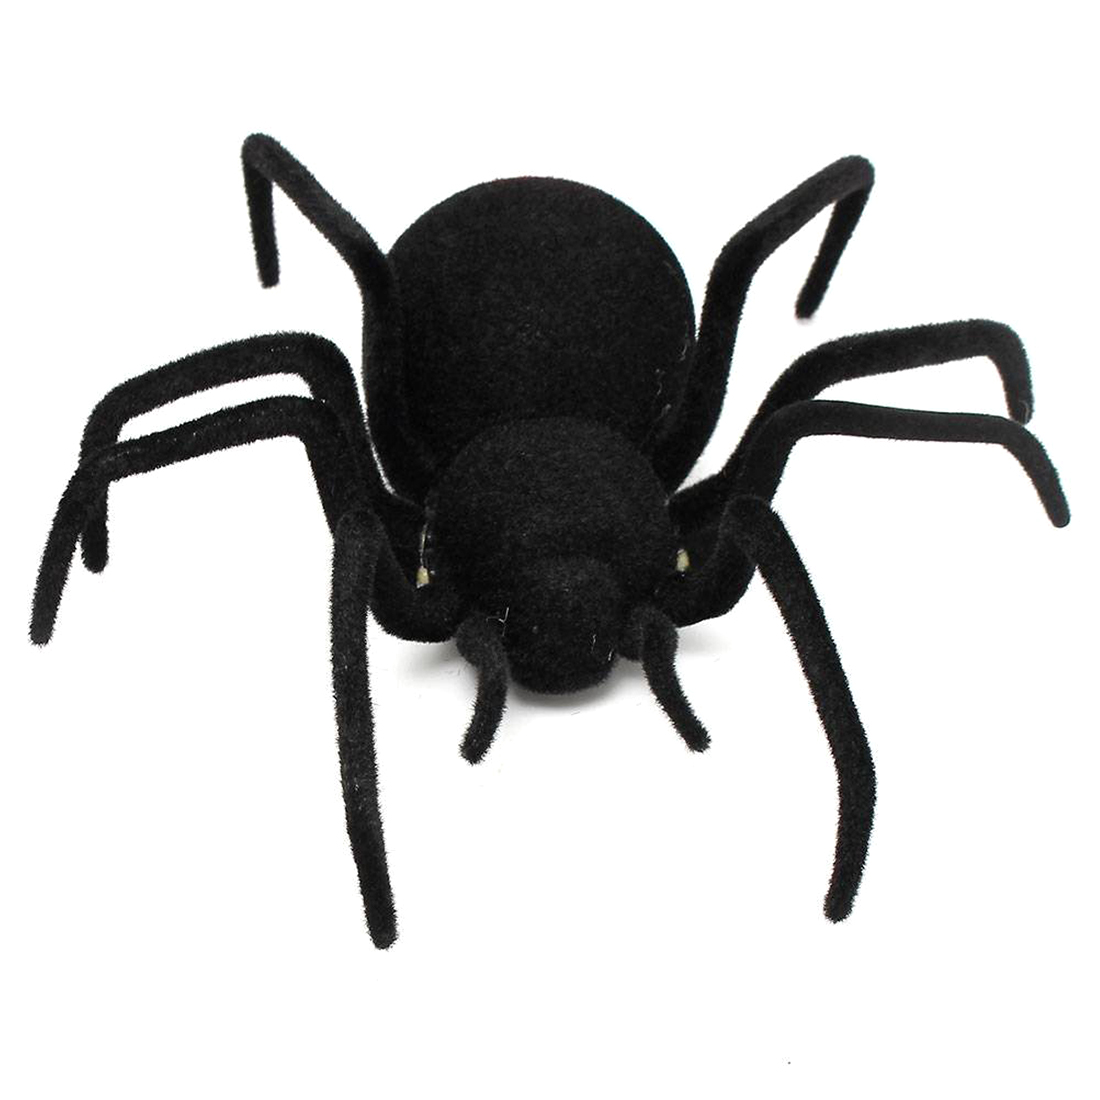 RC contrôlé à distance Araignée télécommande jouet araignée Cadeau Halloween Araignée Géante Latrodectus Noir Veuve 30*30*8.5 cm